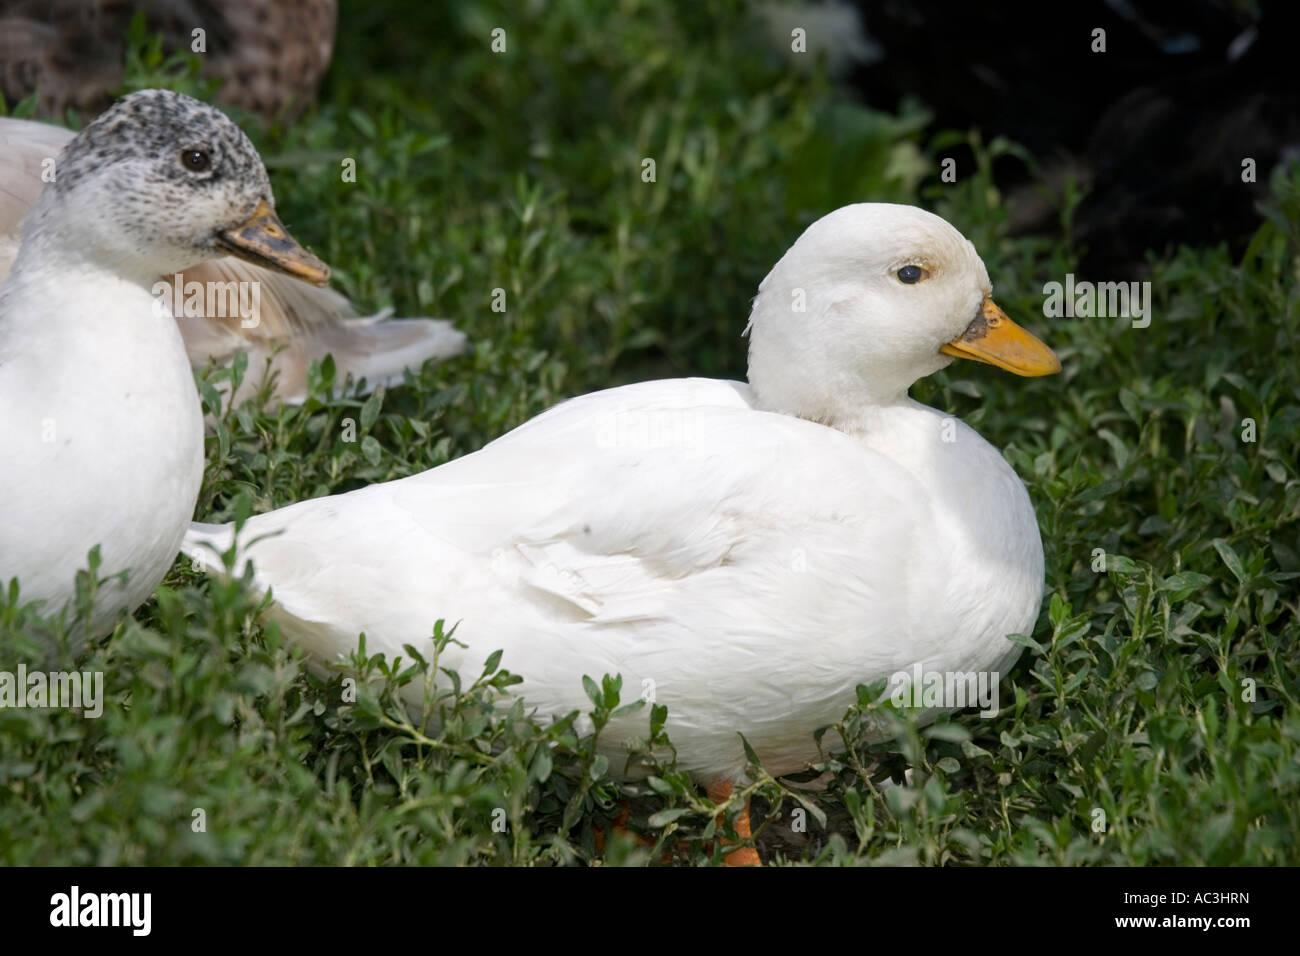 Pekin duck Woolstone UK - Stock Image